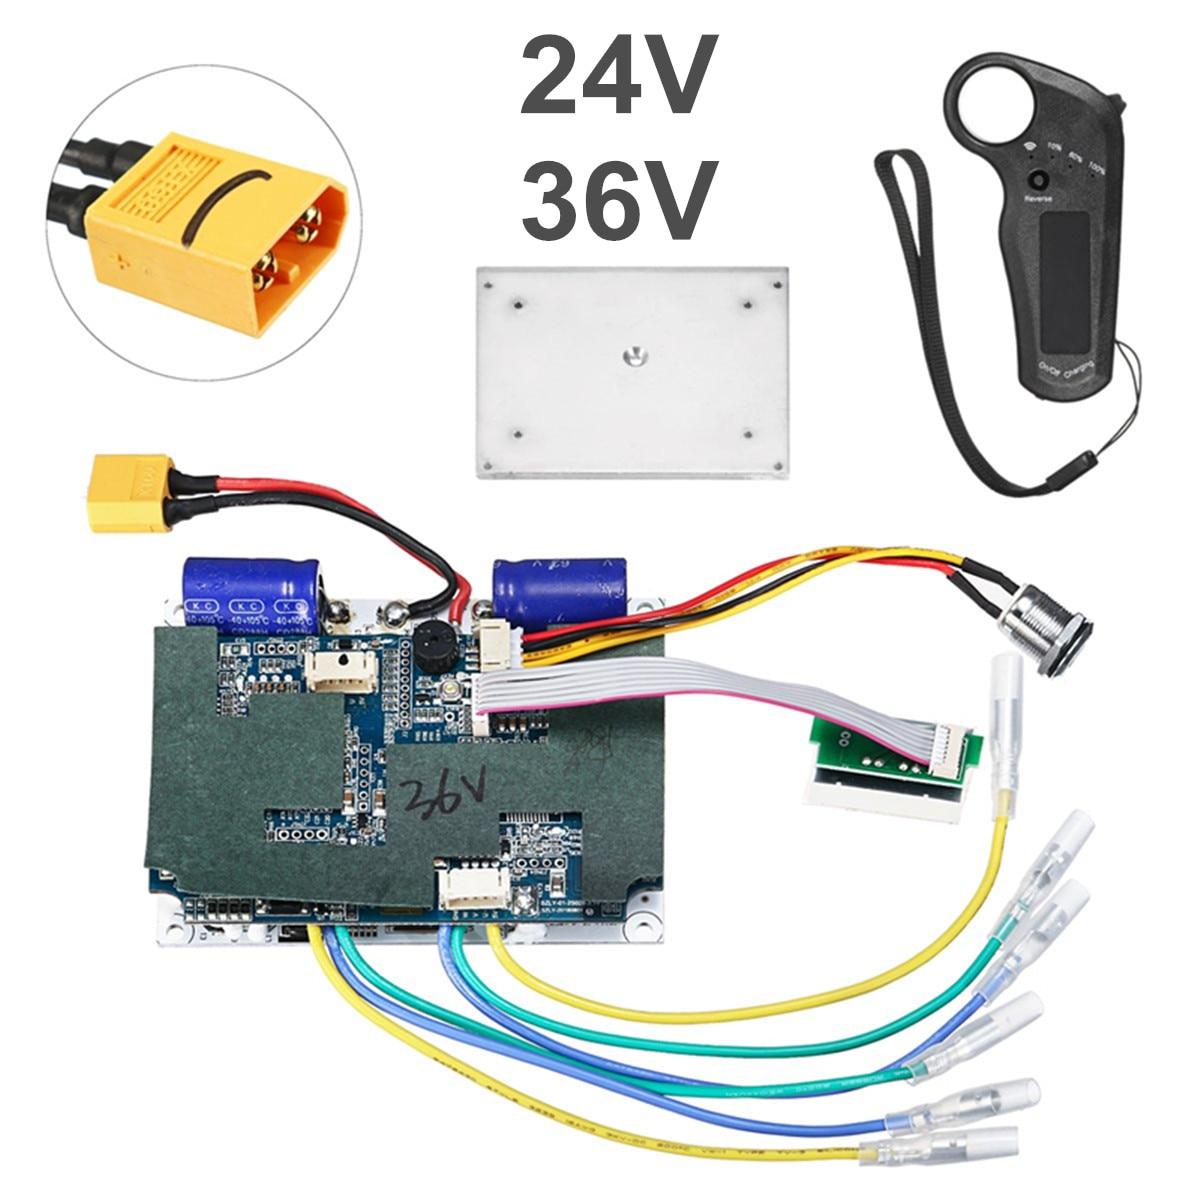 24/36 V double ceinture Moteur skateboard électrique Contrôleur Longboard ESC Pièces de Remplacement Scooter Carte Mère Instrument Outils